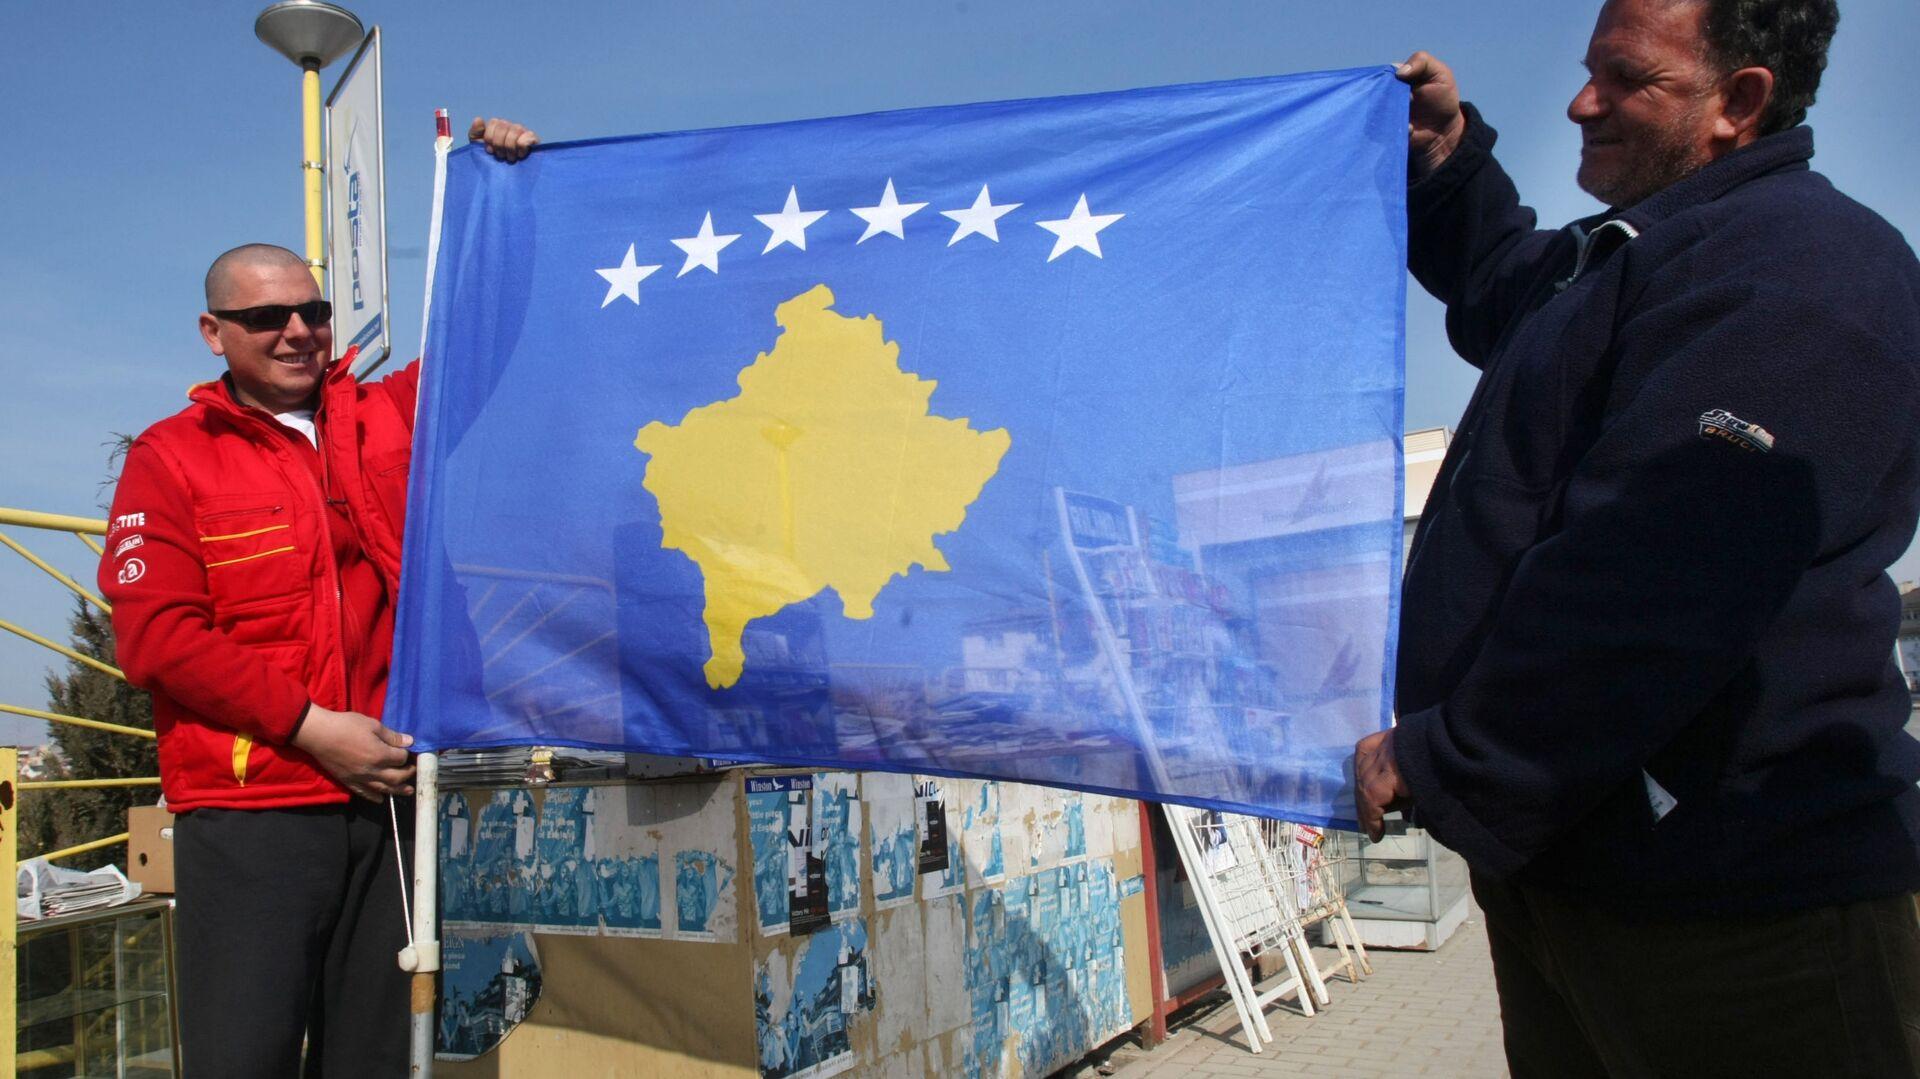 Жители Приштины с флагом самопровозглашенной респупблики Косово - РИА Новости, 1920, 07.02.2021